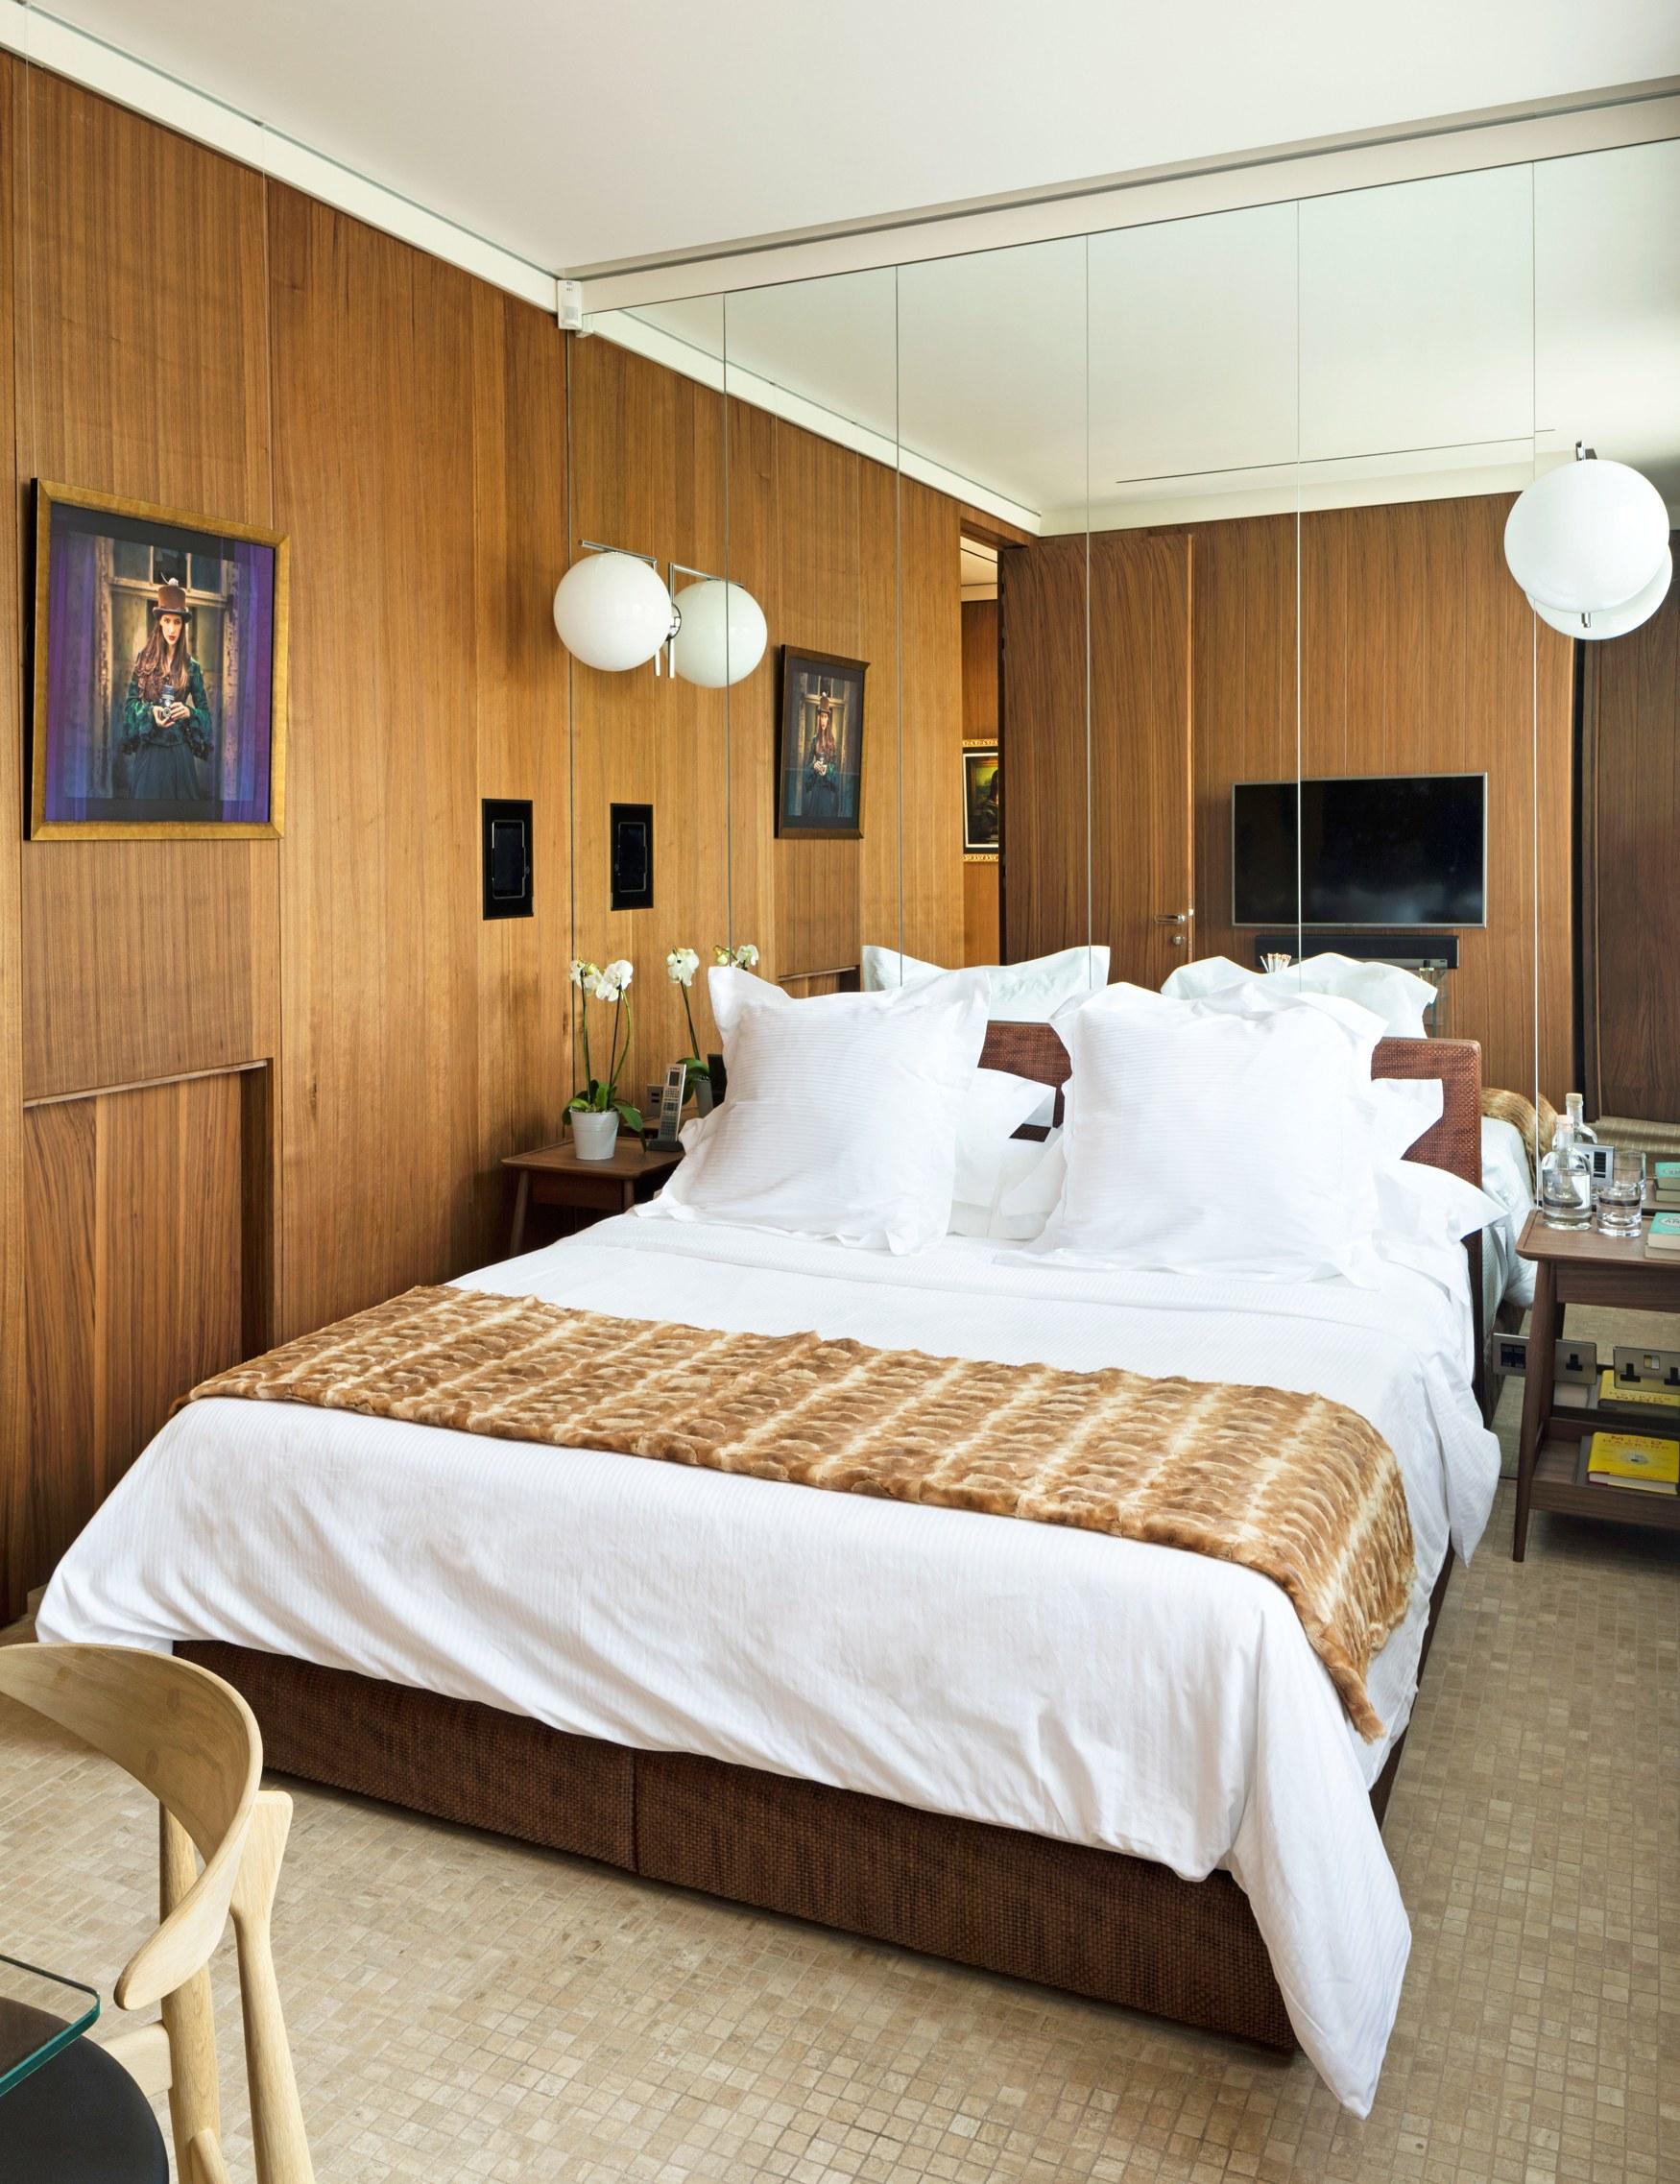 A great Modern home design by Chakib Richani modern home A great Modern home design by Chakib Richani london chakib richani house tour AD 05